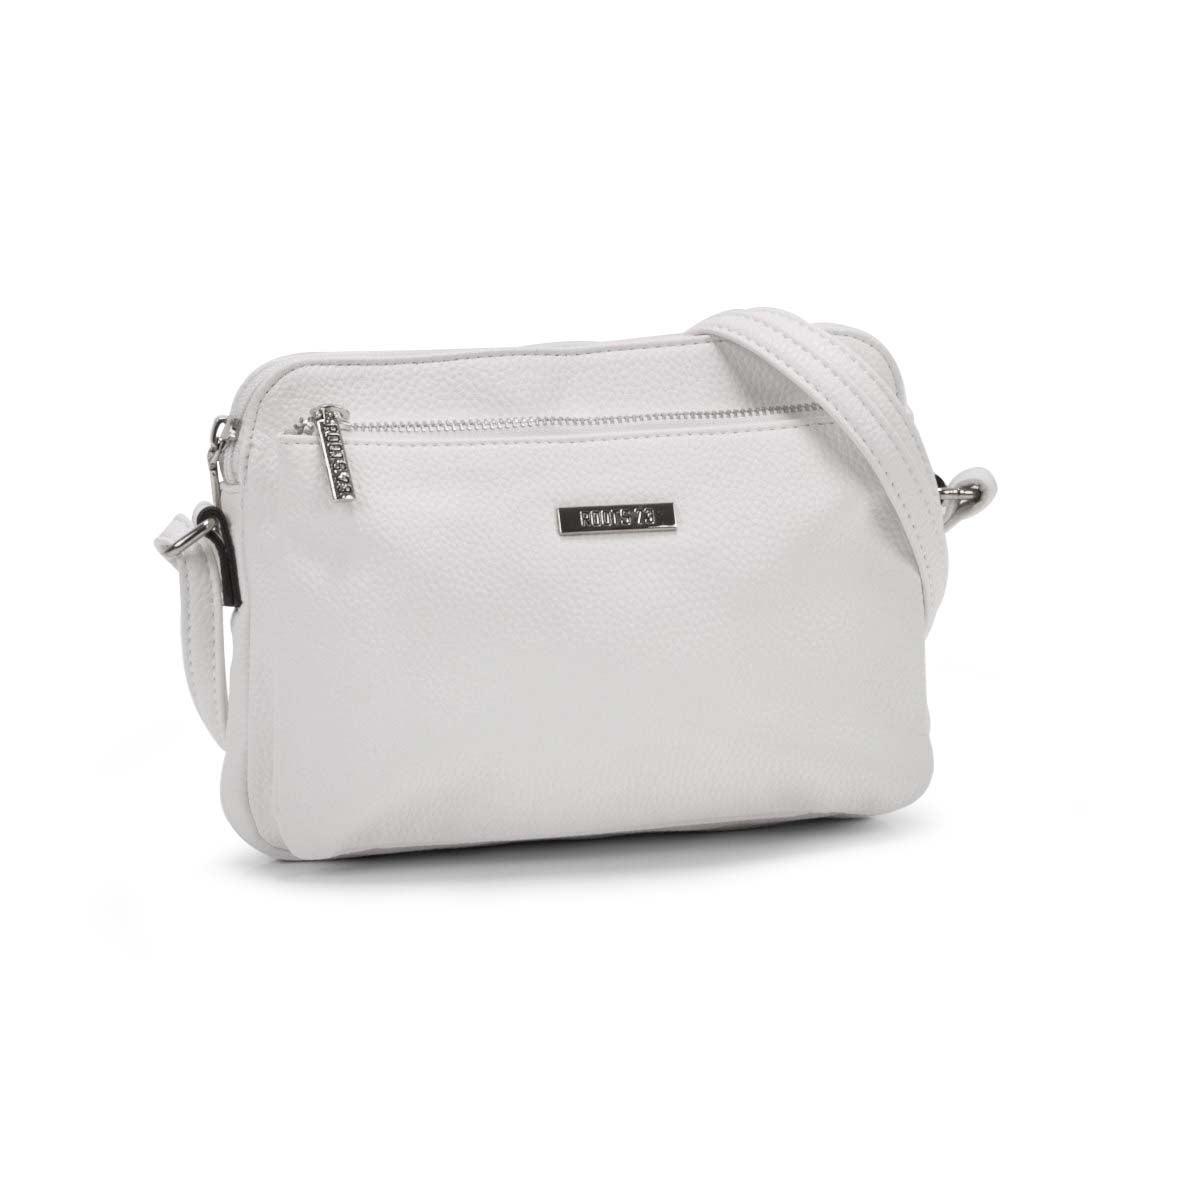 Women's R5200 EAST/WEST white crossbody bag